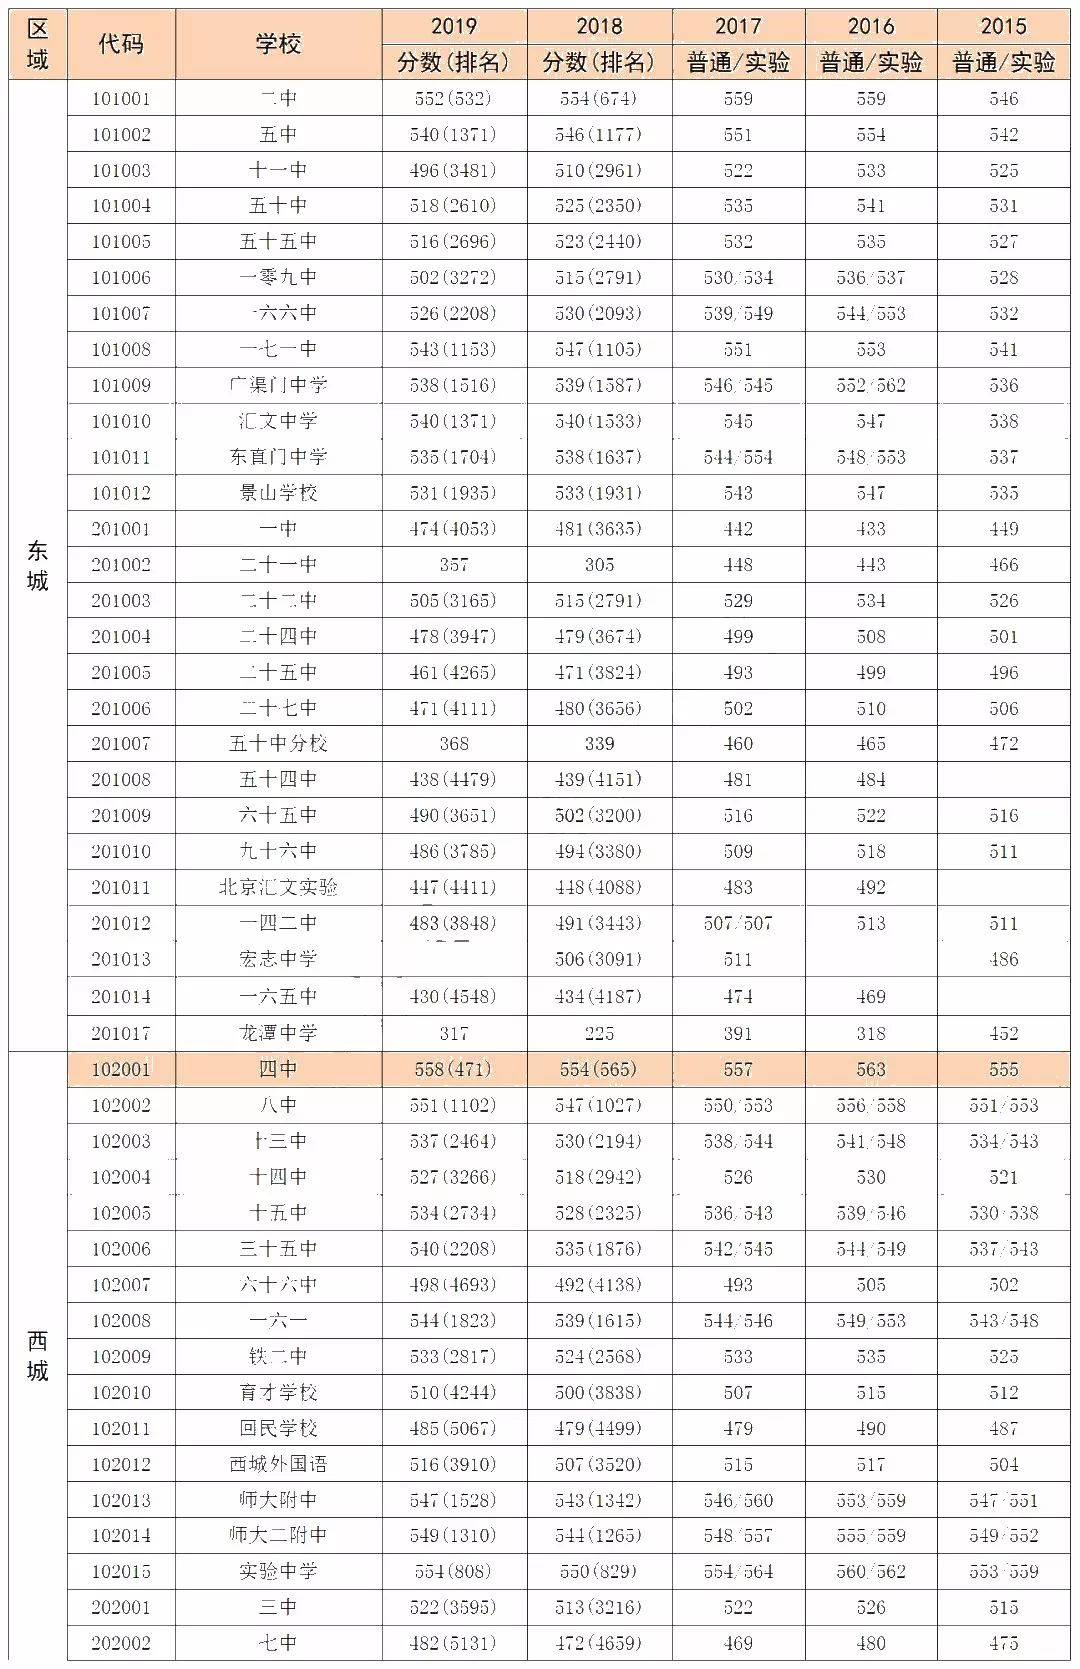 2019中考分数排行_速看 宿松2019年中考成绩排名表